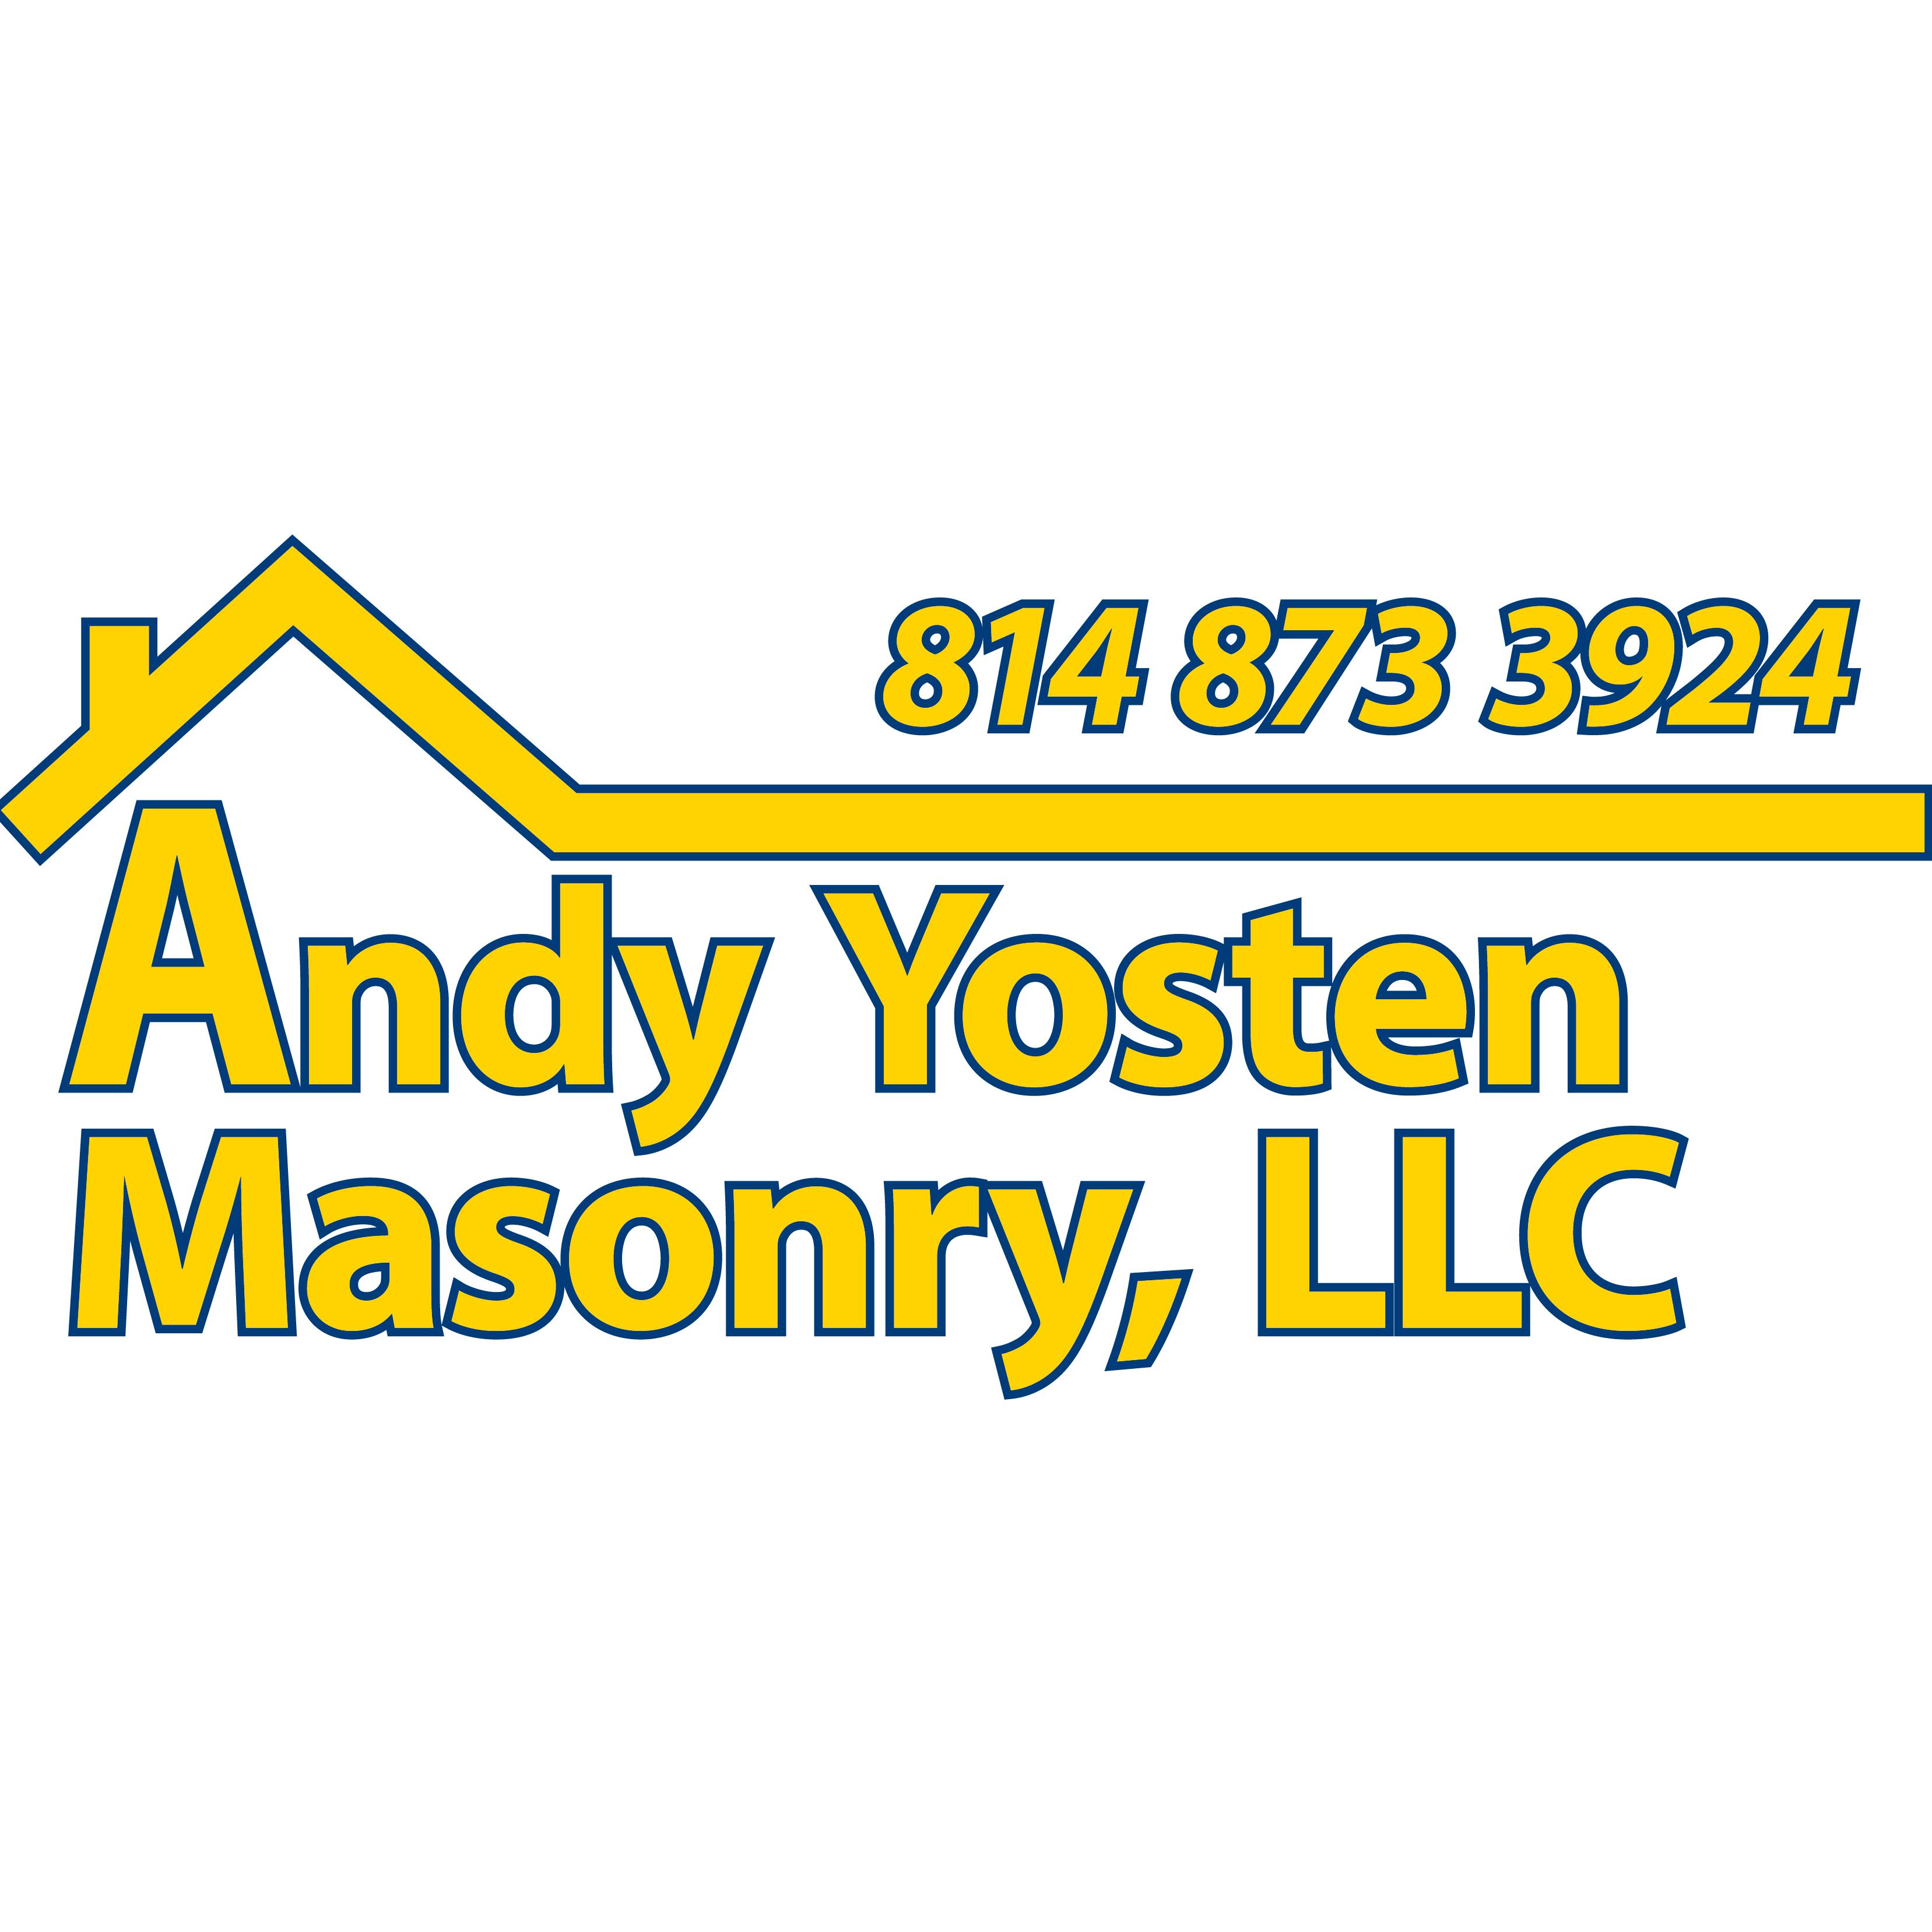 Yosten Masonry